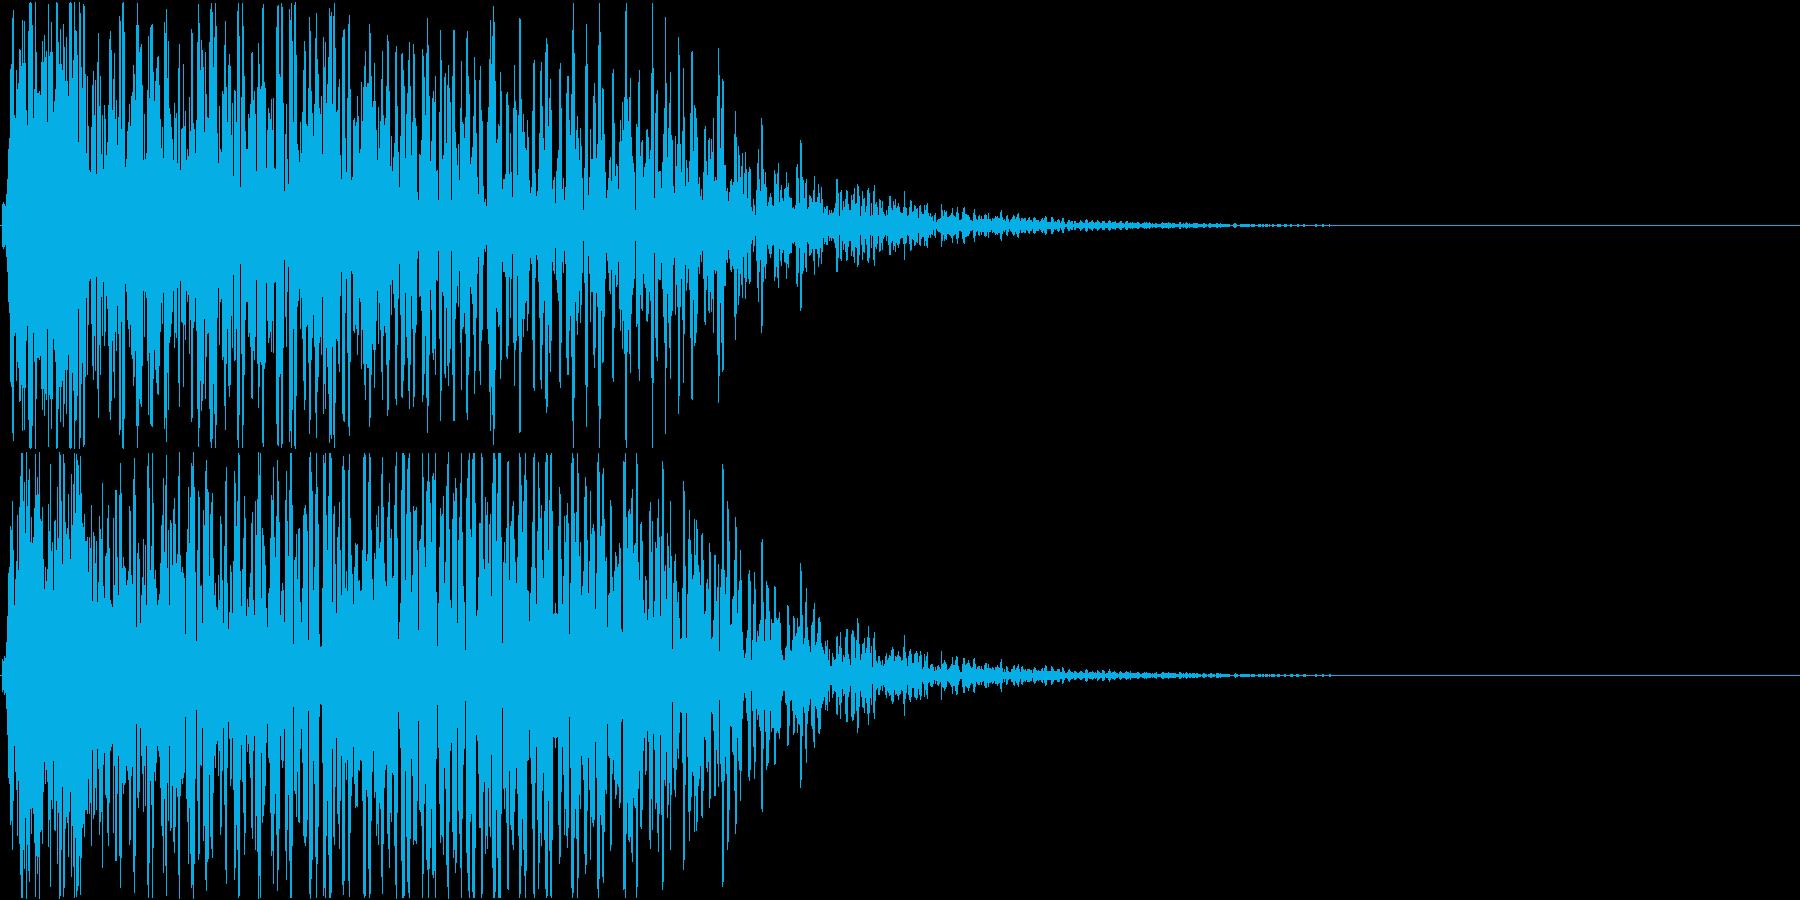 【ドスン】インパクトのある派手な衝撃音の再生済みの波形